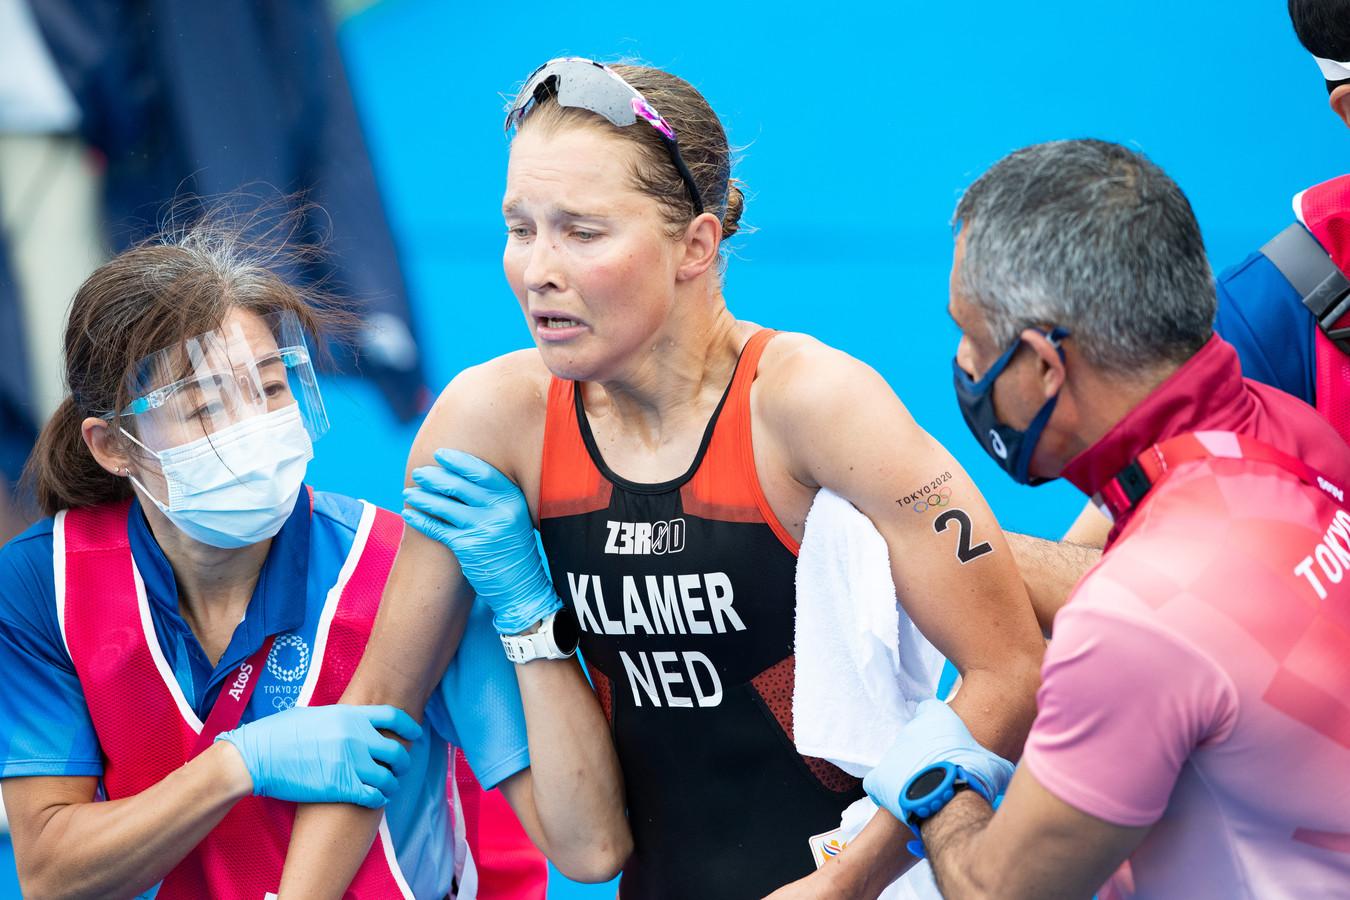 Rachel Klamer vlak na de finish.